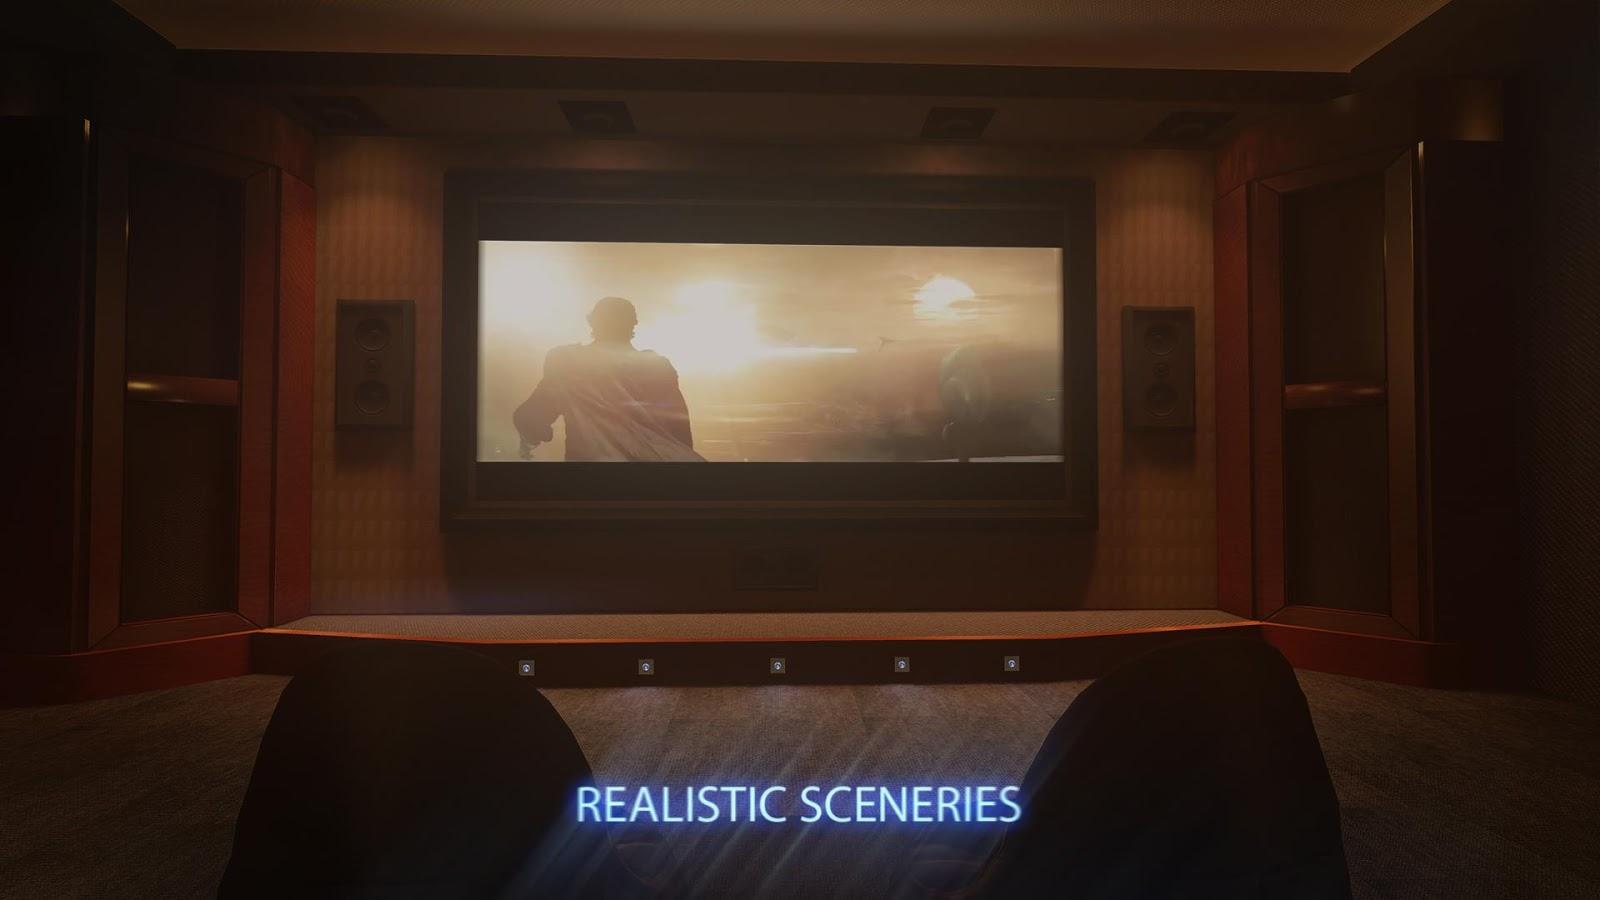 4e514f10544 Cmoar VR Cinema Demo 5.5.5 APK + OBB (Data File) Download - Android ...